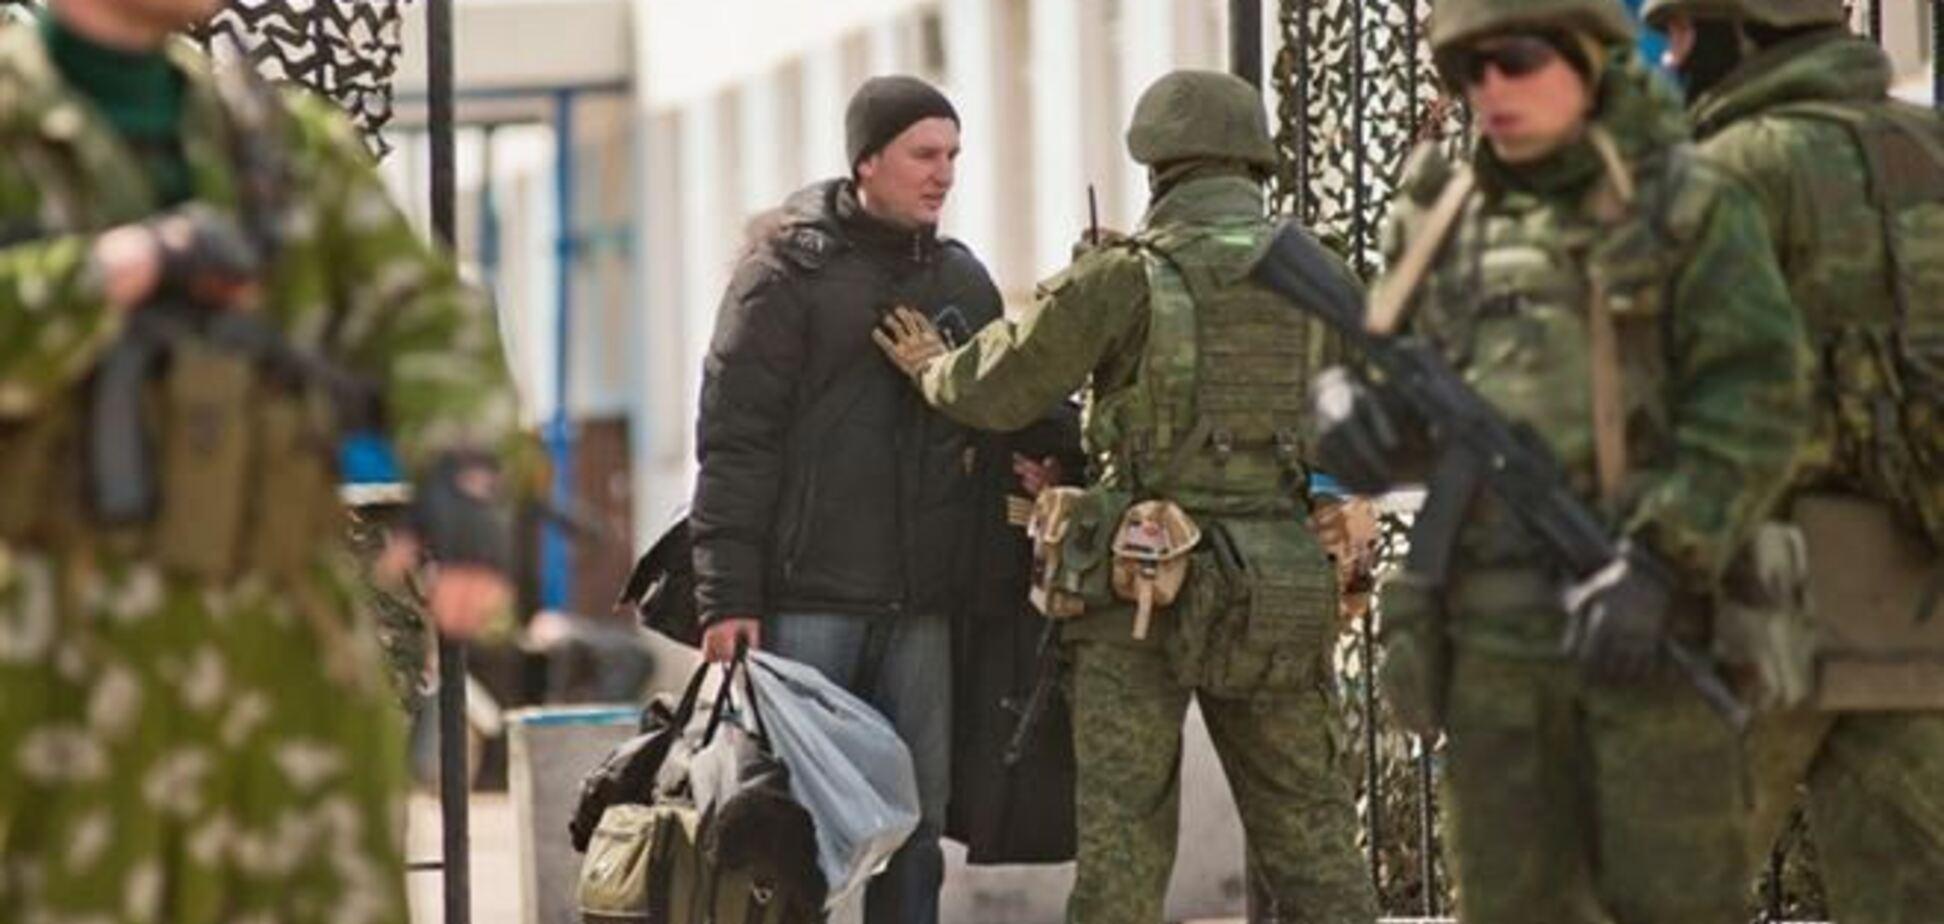 Затверджено план евакуації українських громадян з Криму